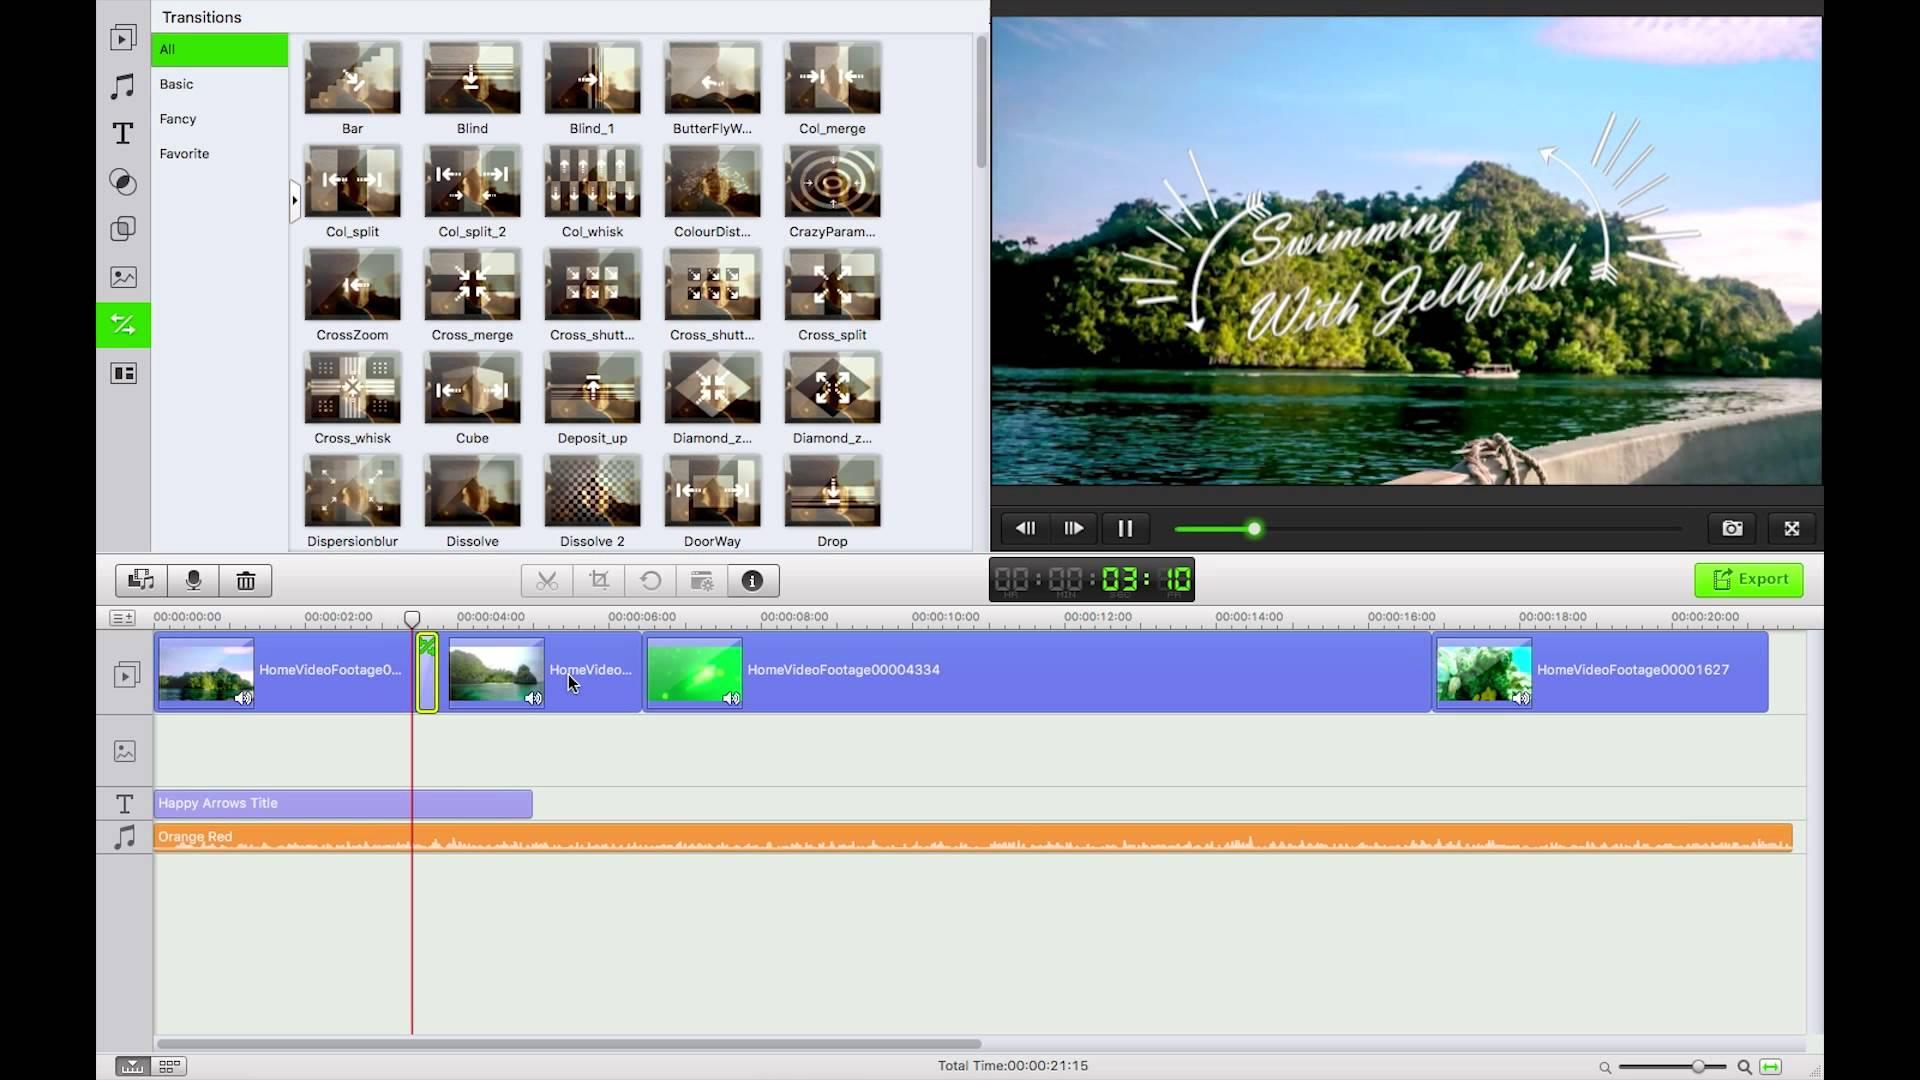 كيفية الكتابة على مقطع فيديو